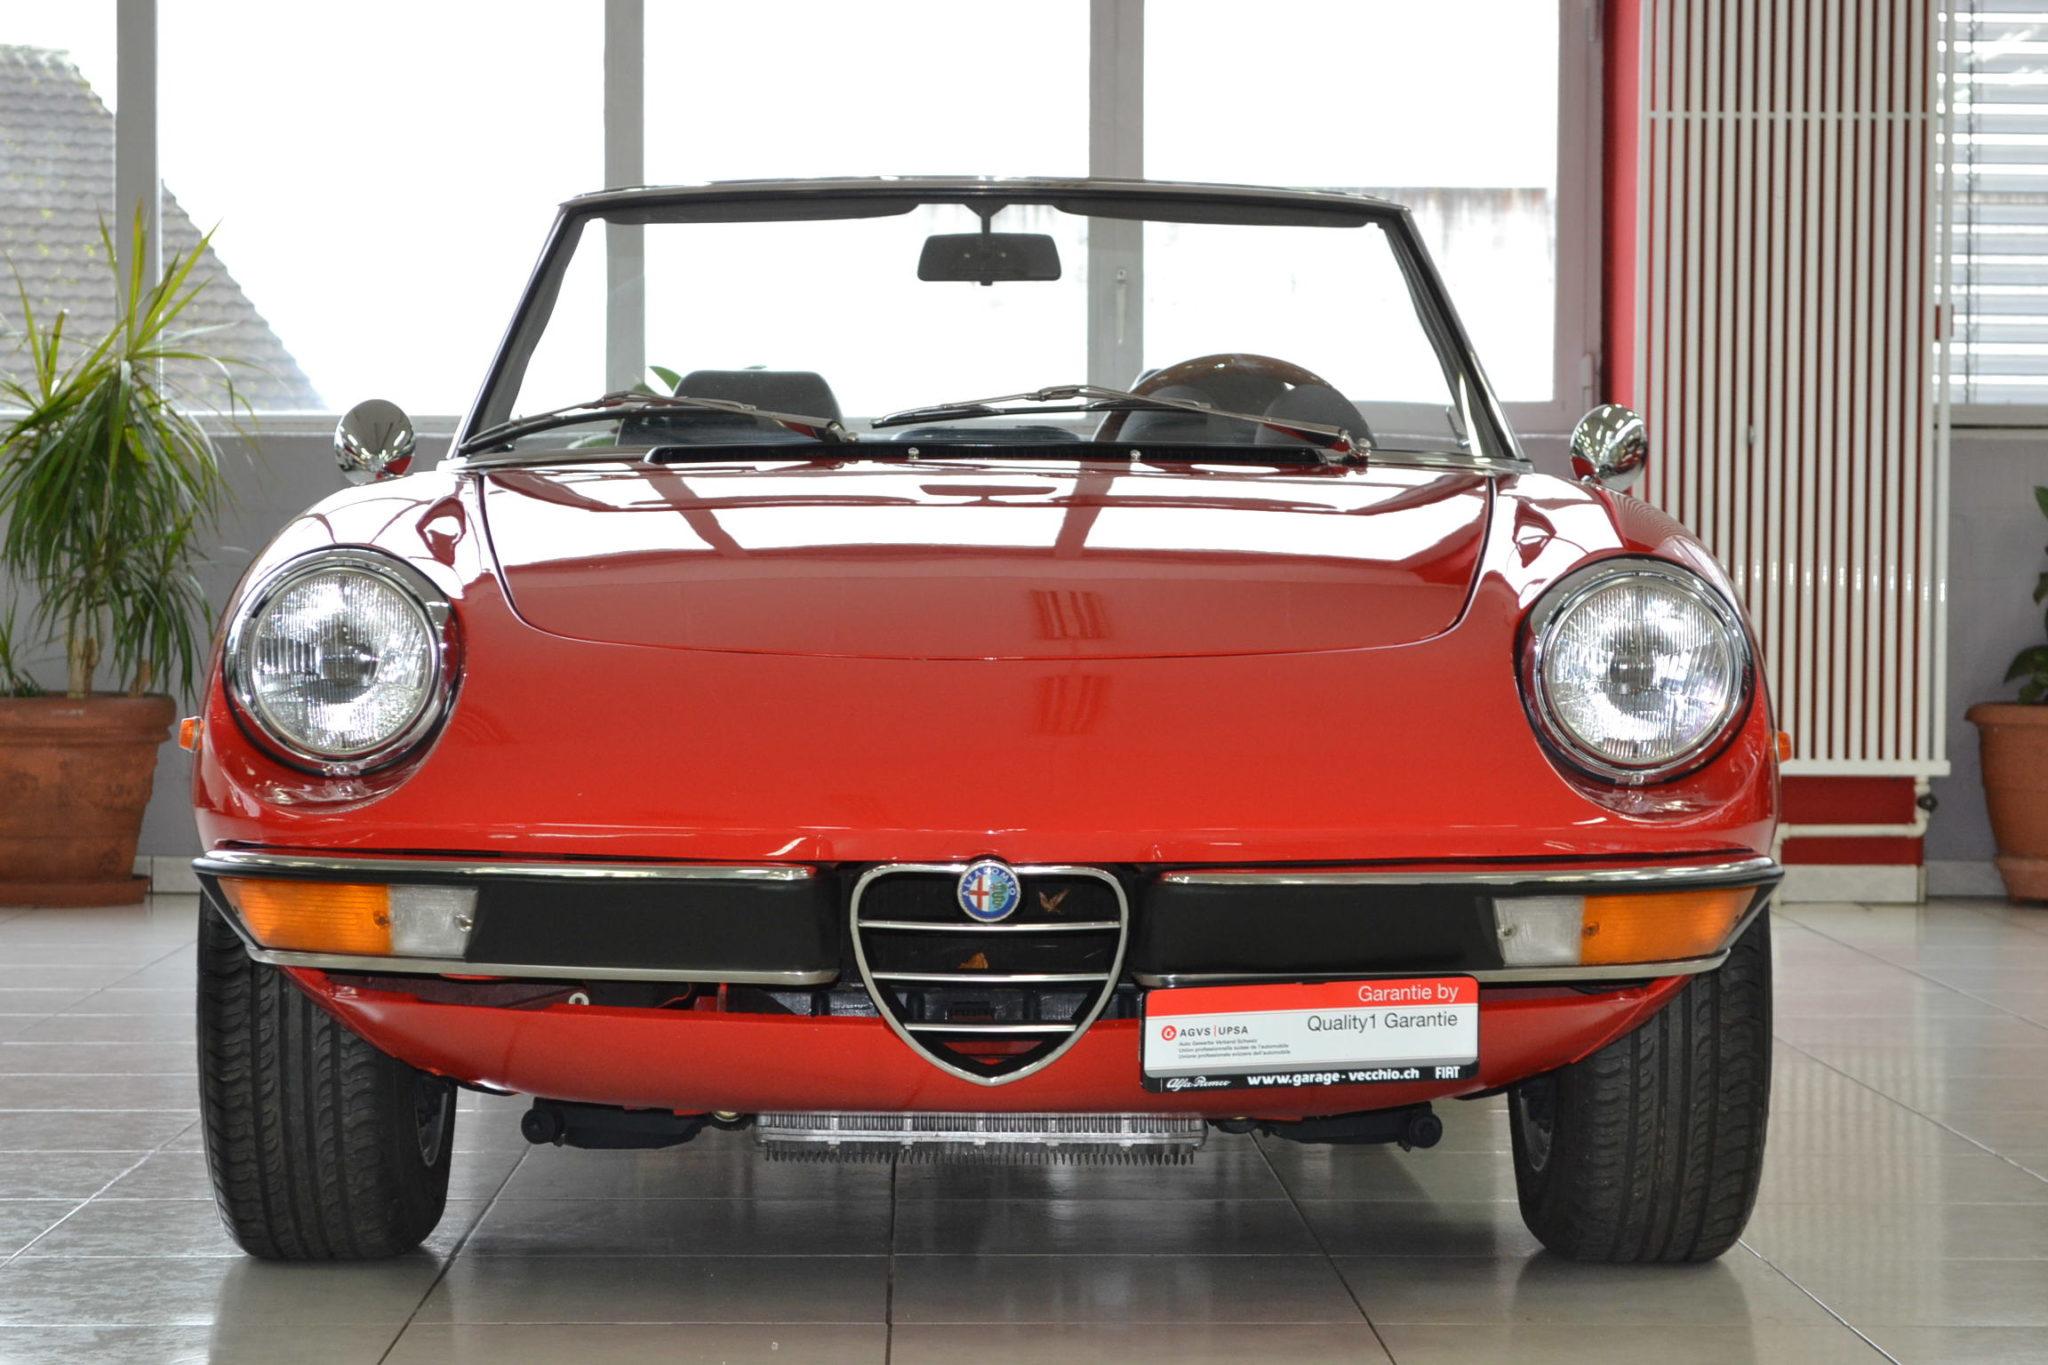 Alfa romeo spider 2000 rosso alfa garage vecchio for Garage alfa romeo 95